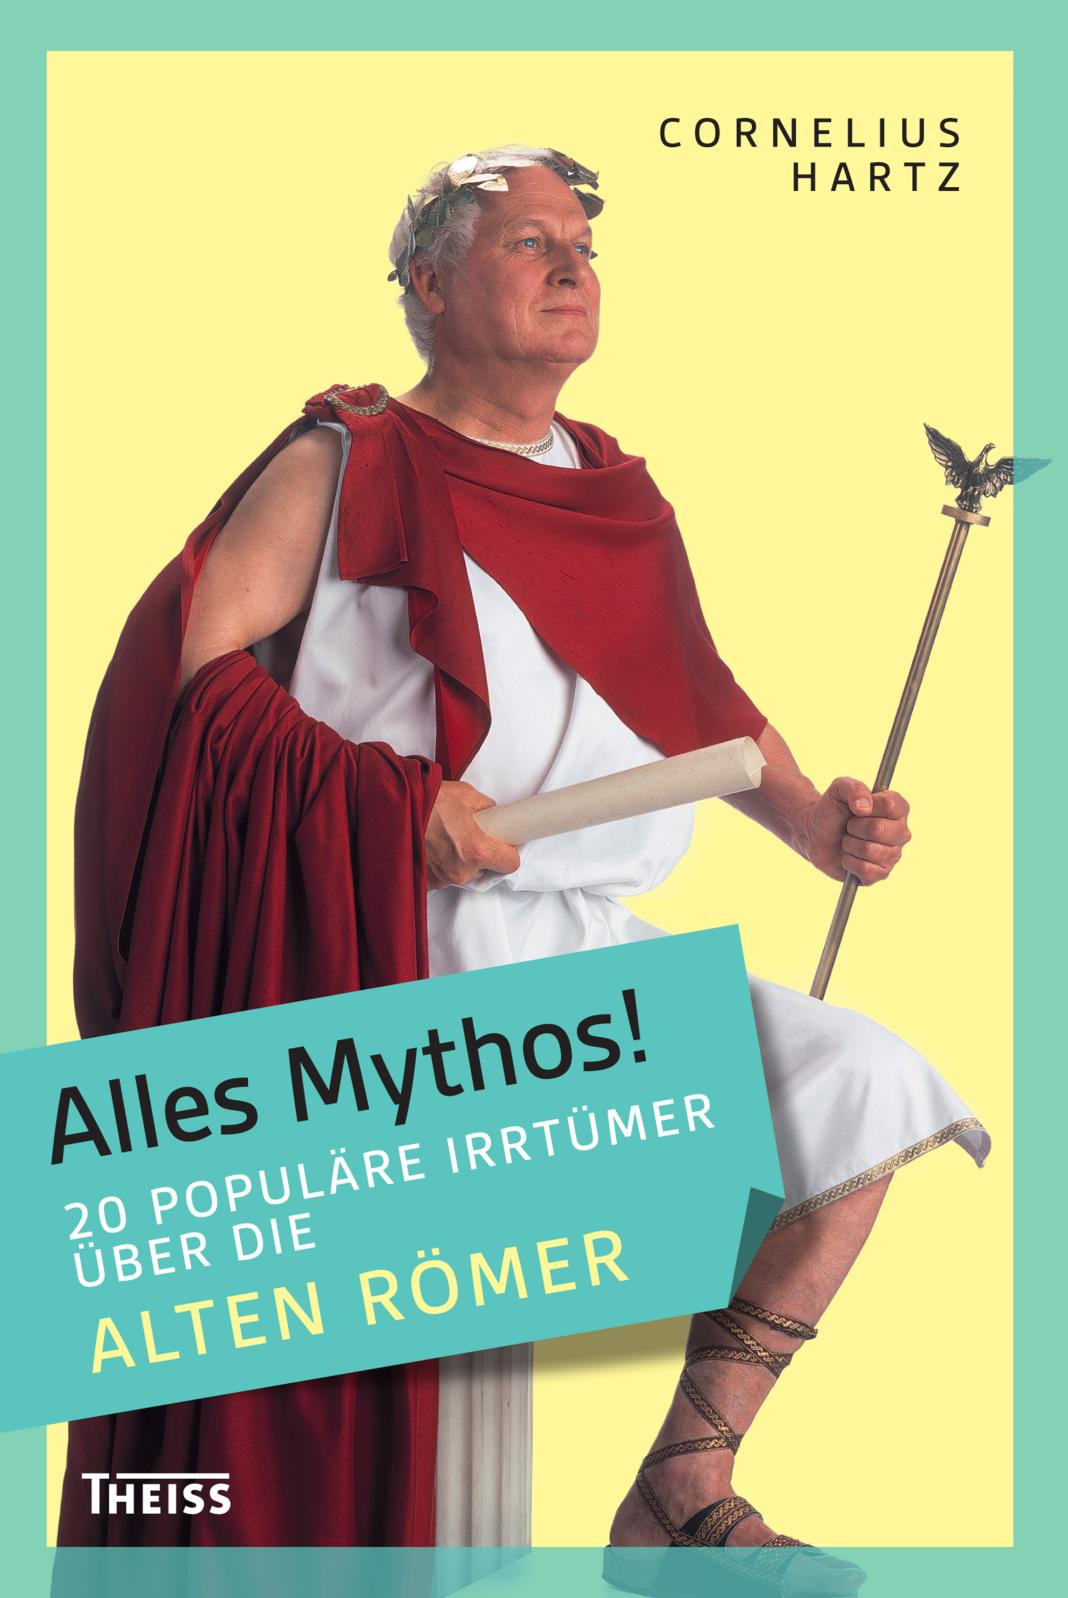 Calameo Alles Mythos Von Cornelius Hartz